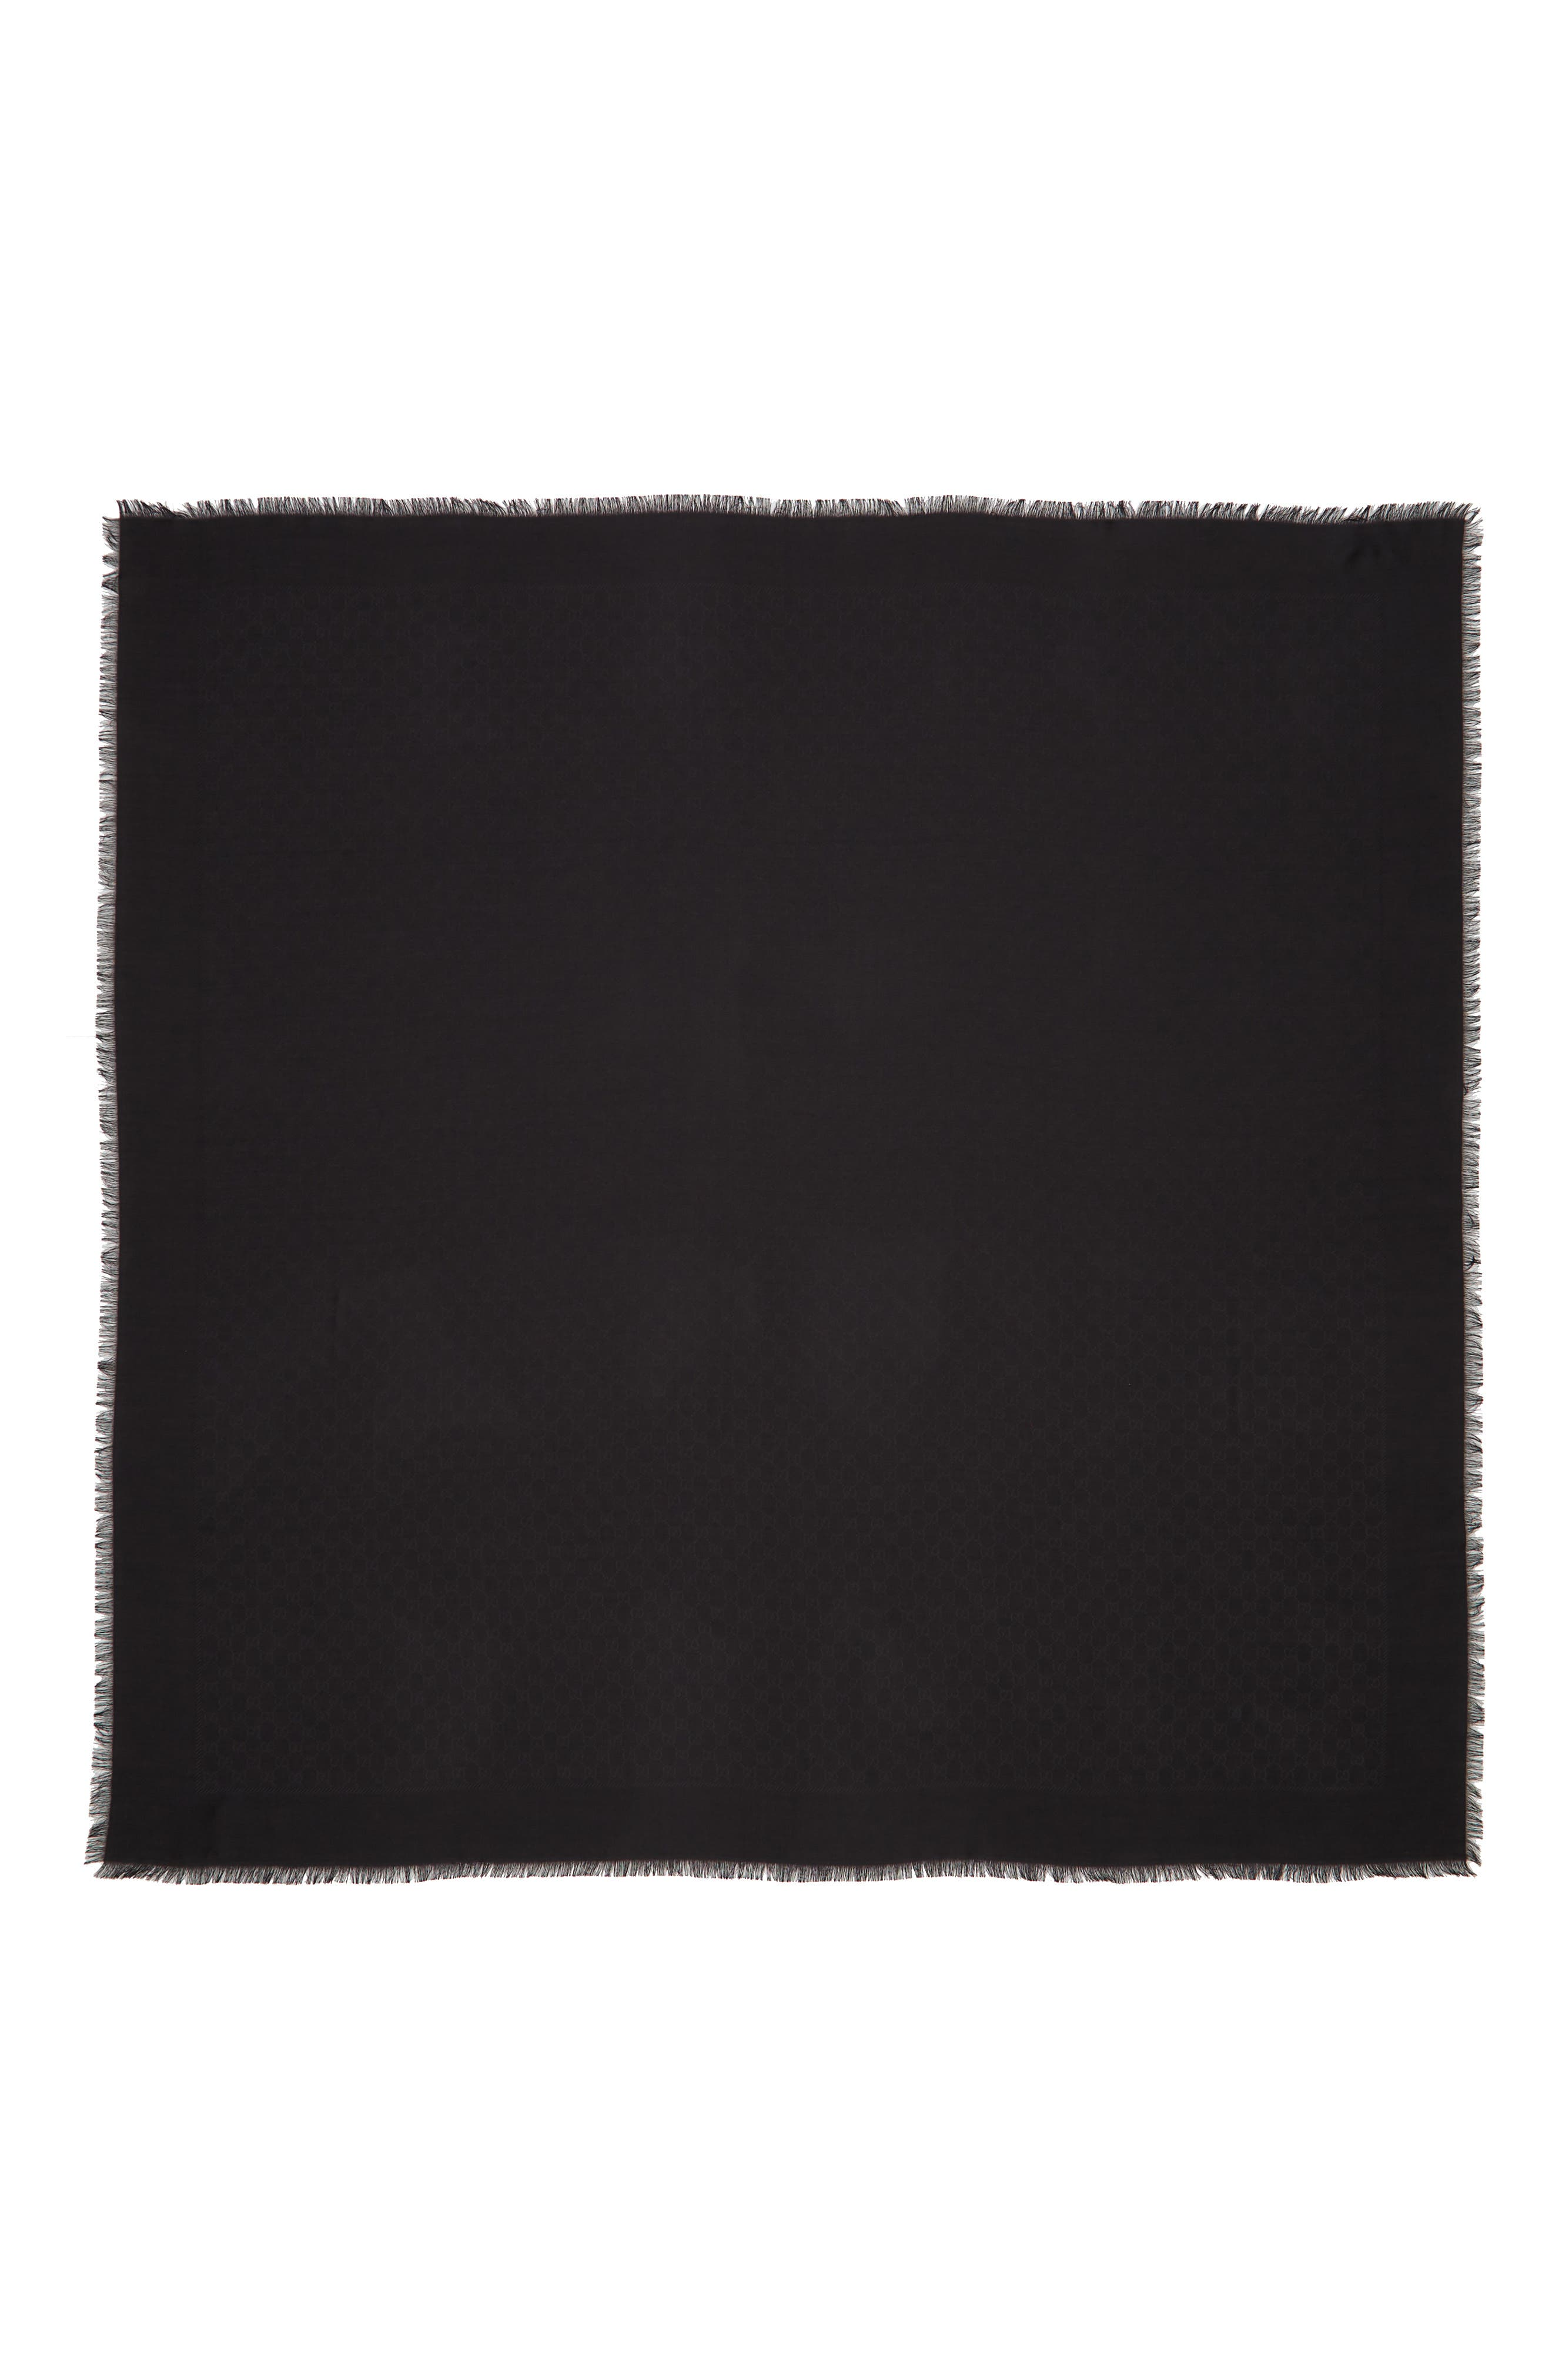 Ataria Jacquard Shawl,                             Main thumbnail 1, color,                             BLACK